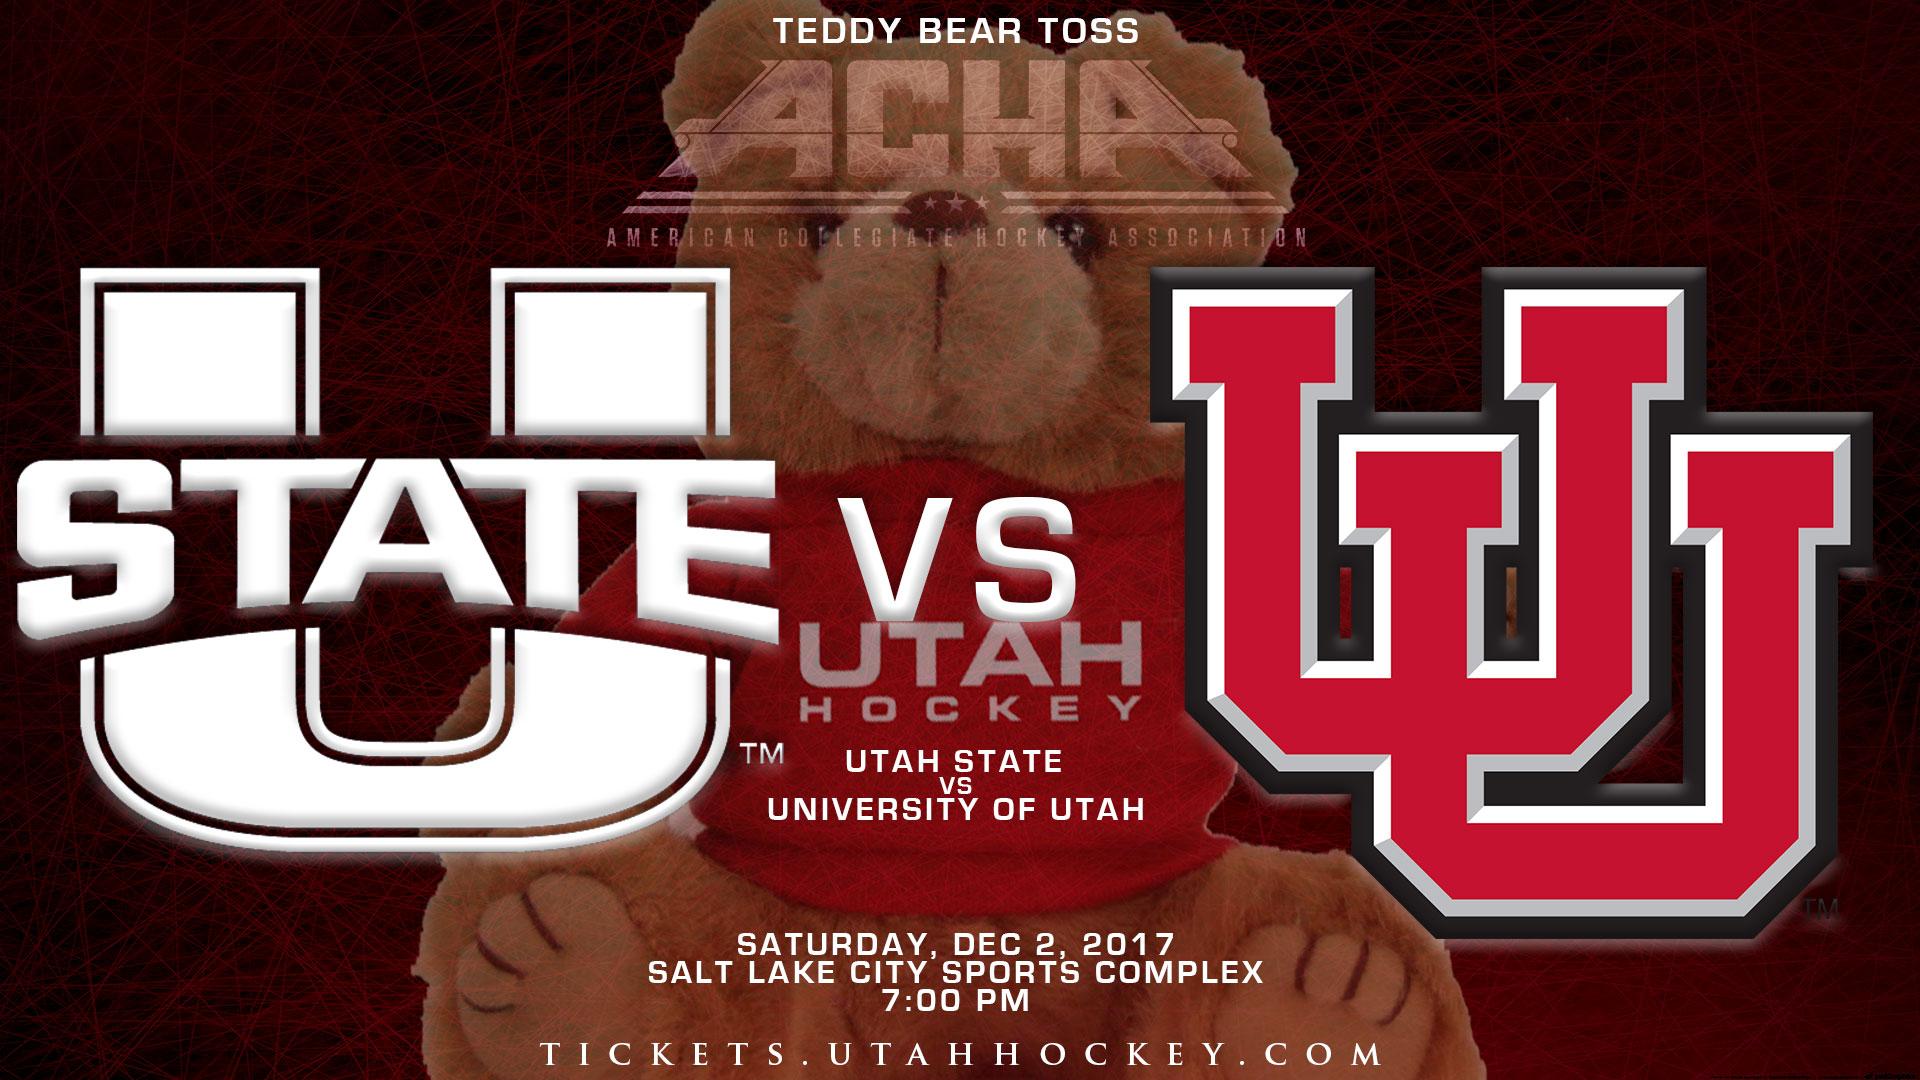 220171202_Utah-State-vs-Utah_1920x1080.jpg